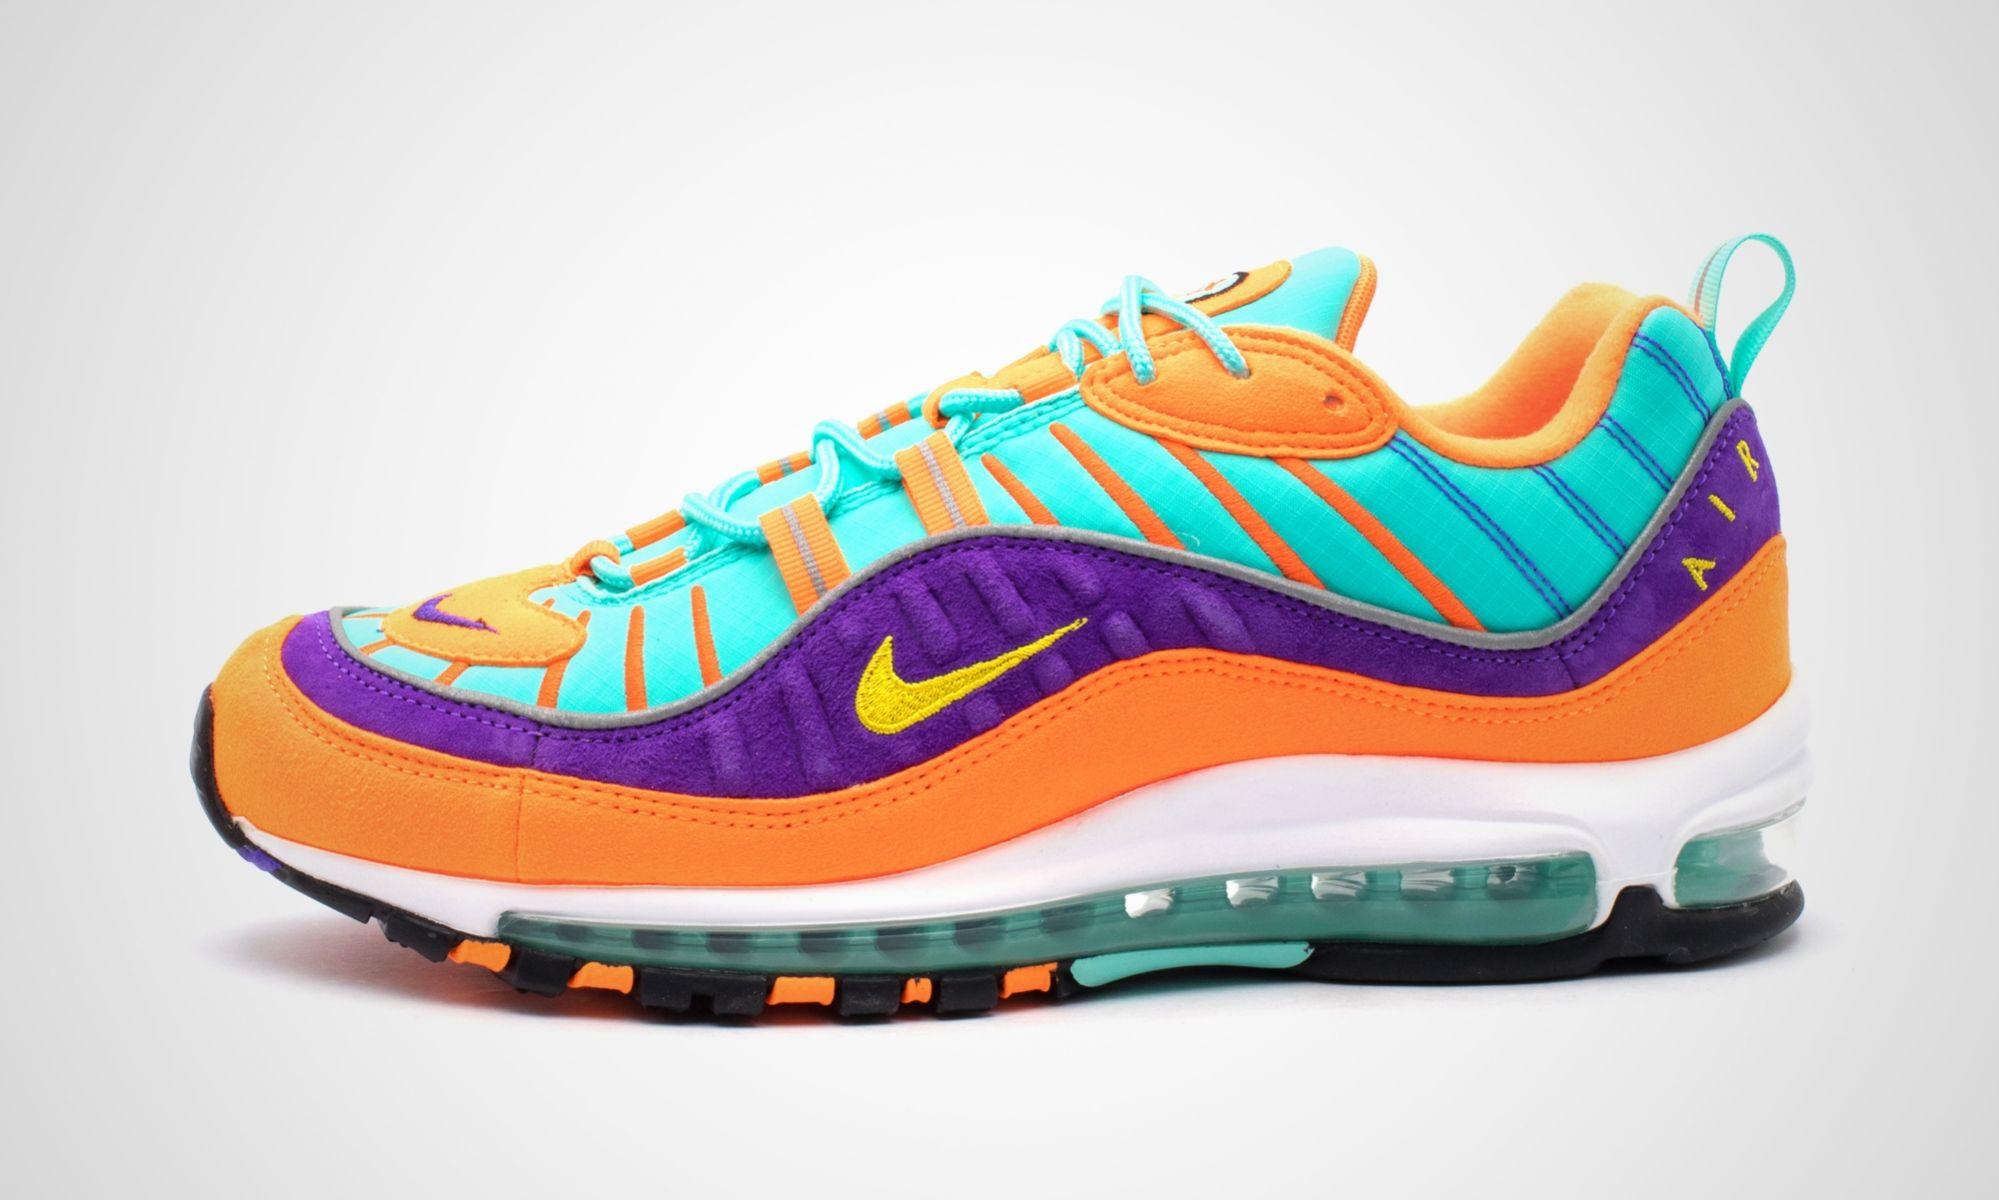 Nike Air Max 98 Miami